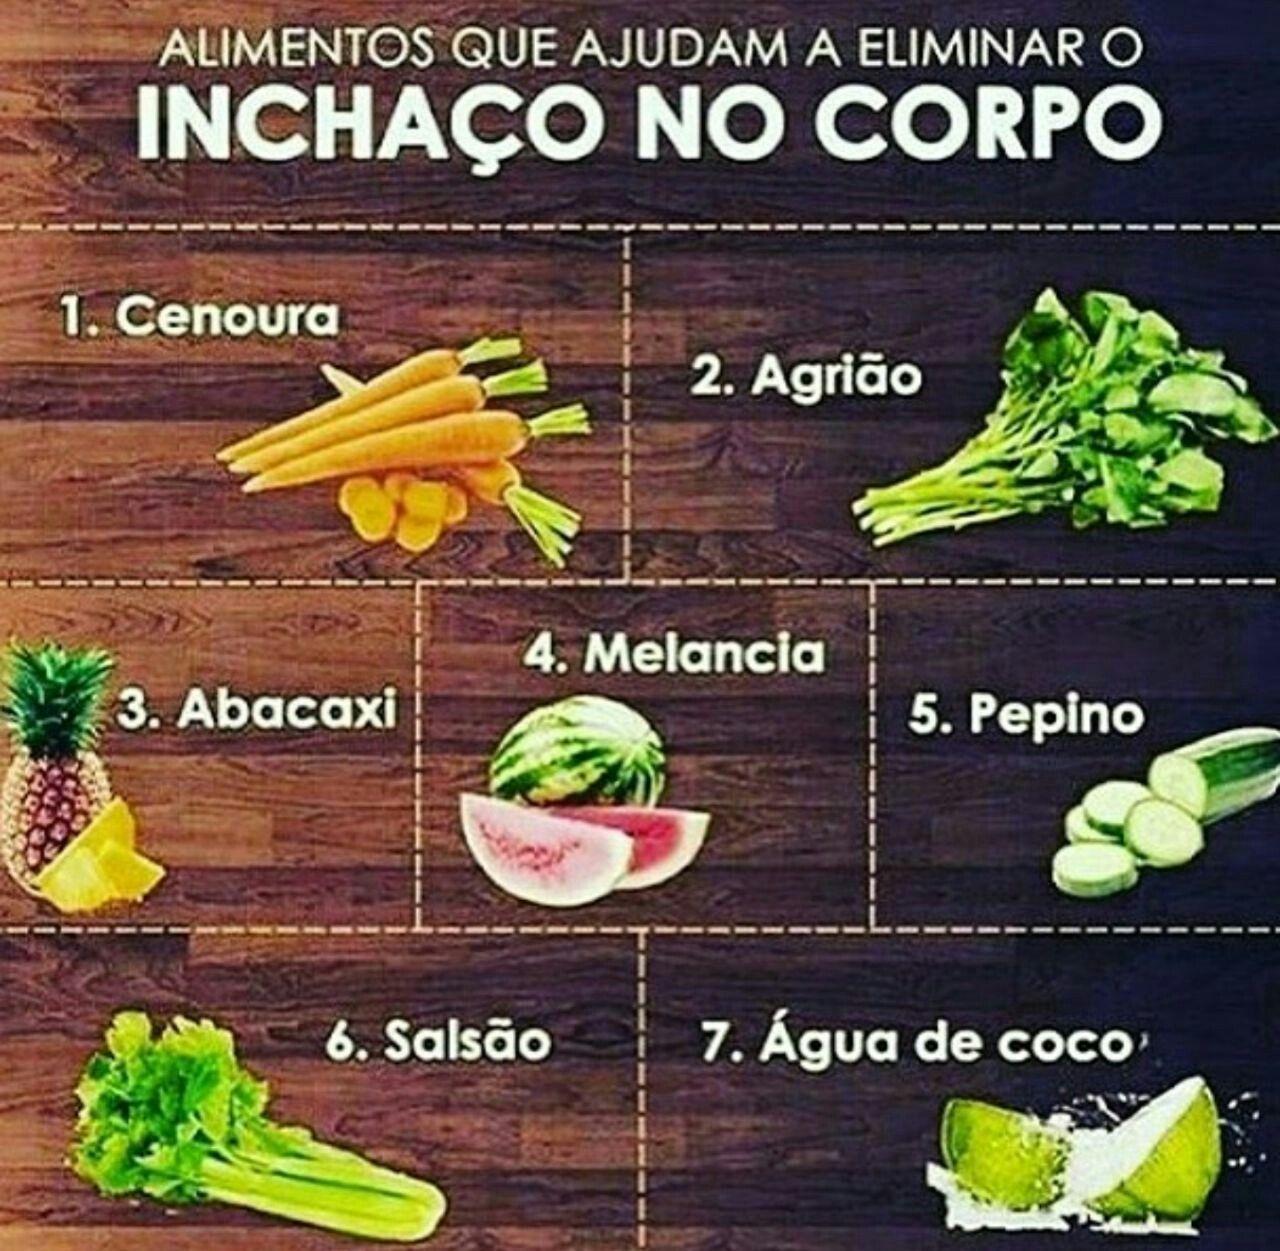 Pin De Mari Pav Em Saude Alimentos Alimentacao Dicas De Nutricao